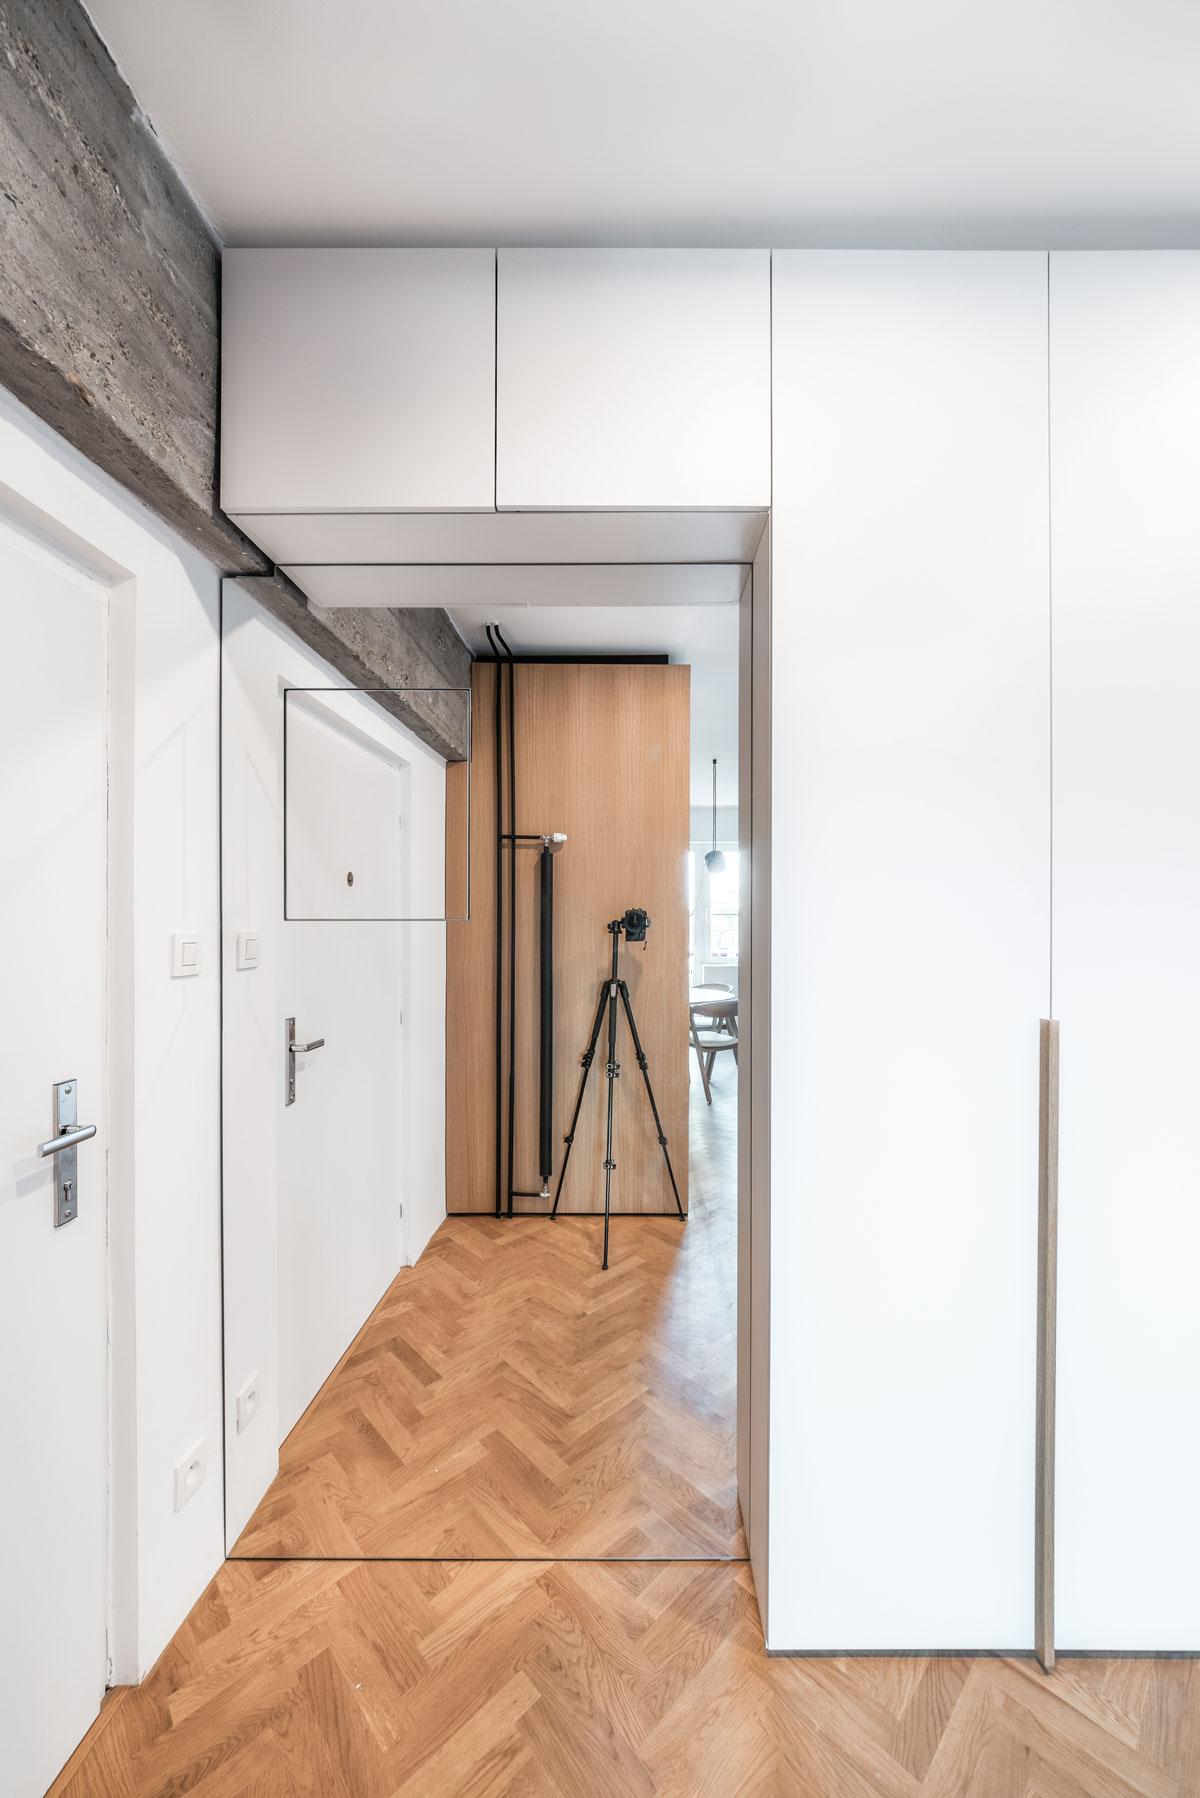 Minimalistická kúpeľňa so skrinkou s umývadlom a batériou osadenou do zrkadla a na mieru vyrobeným držiakom na uteráky